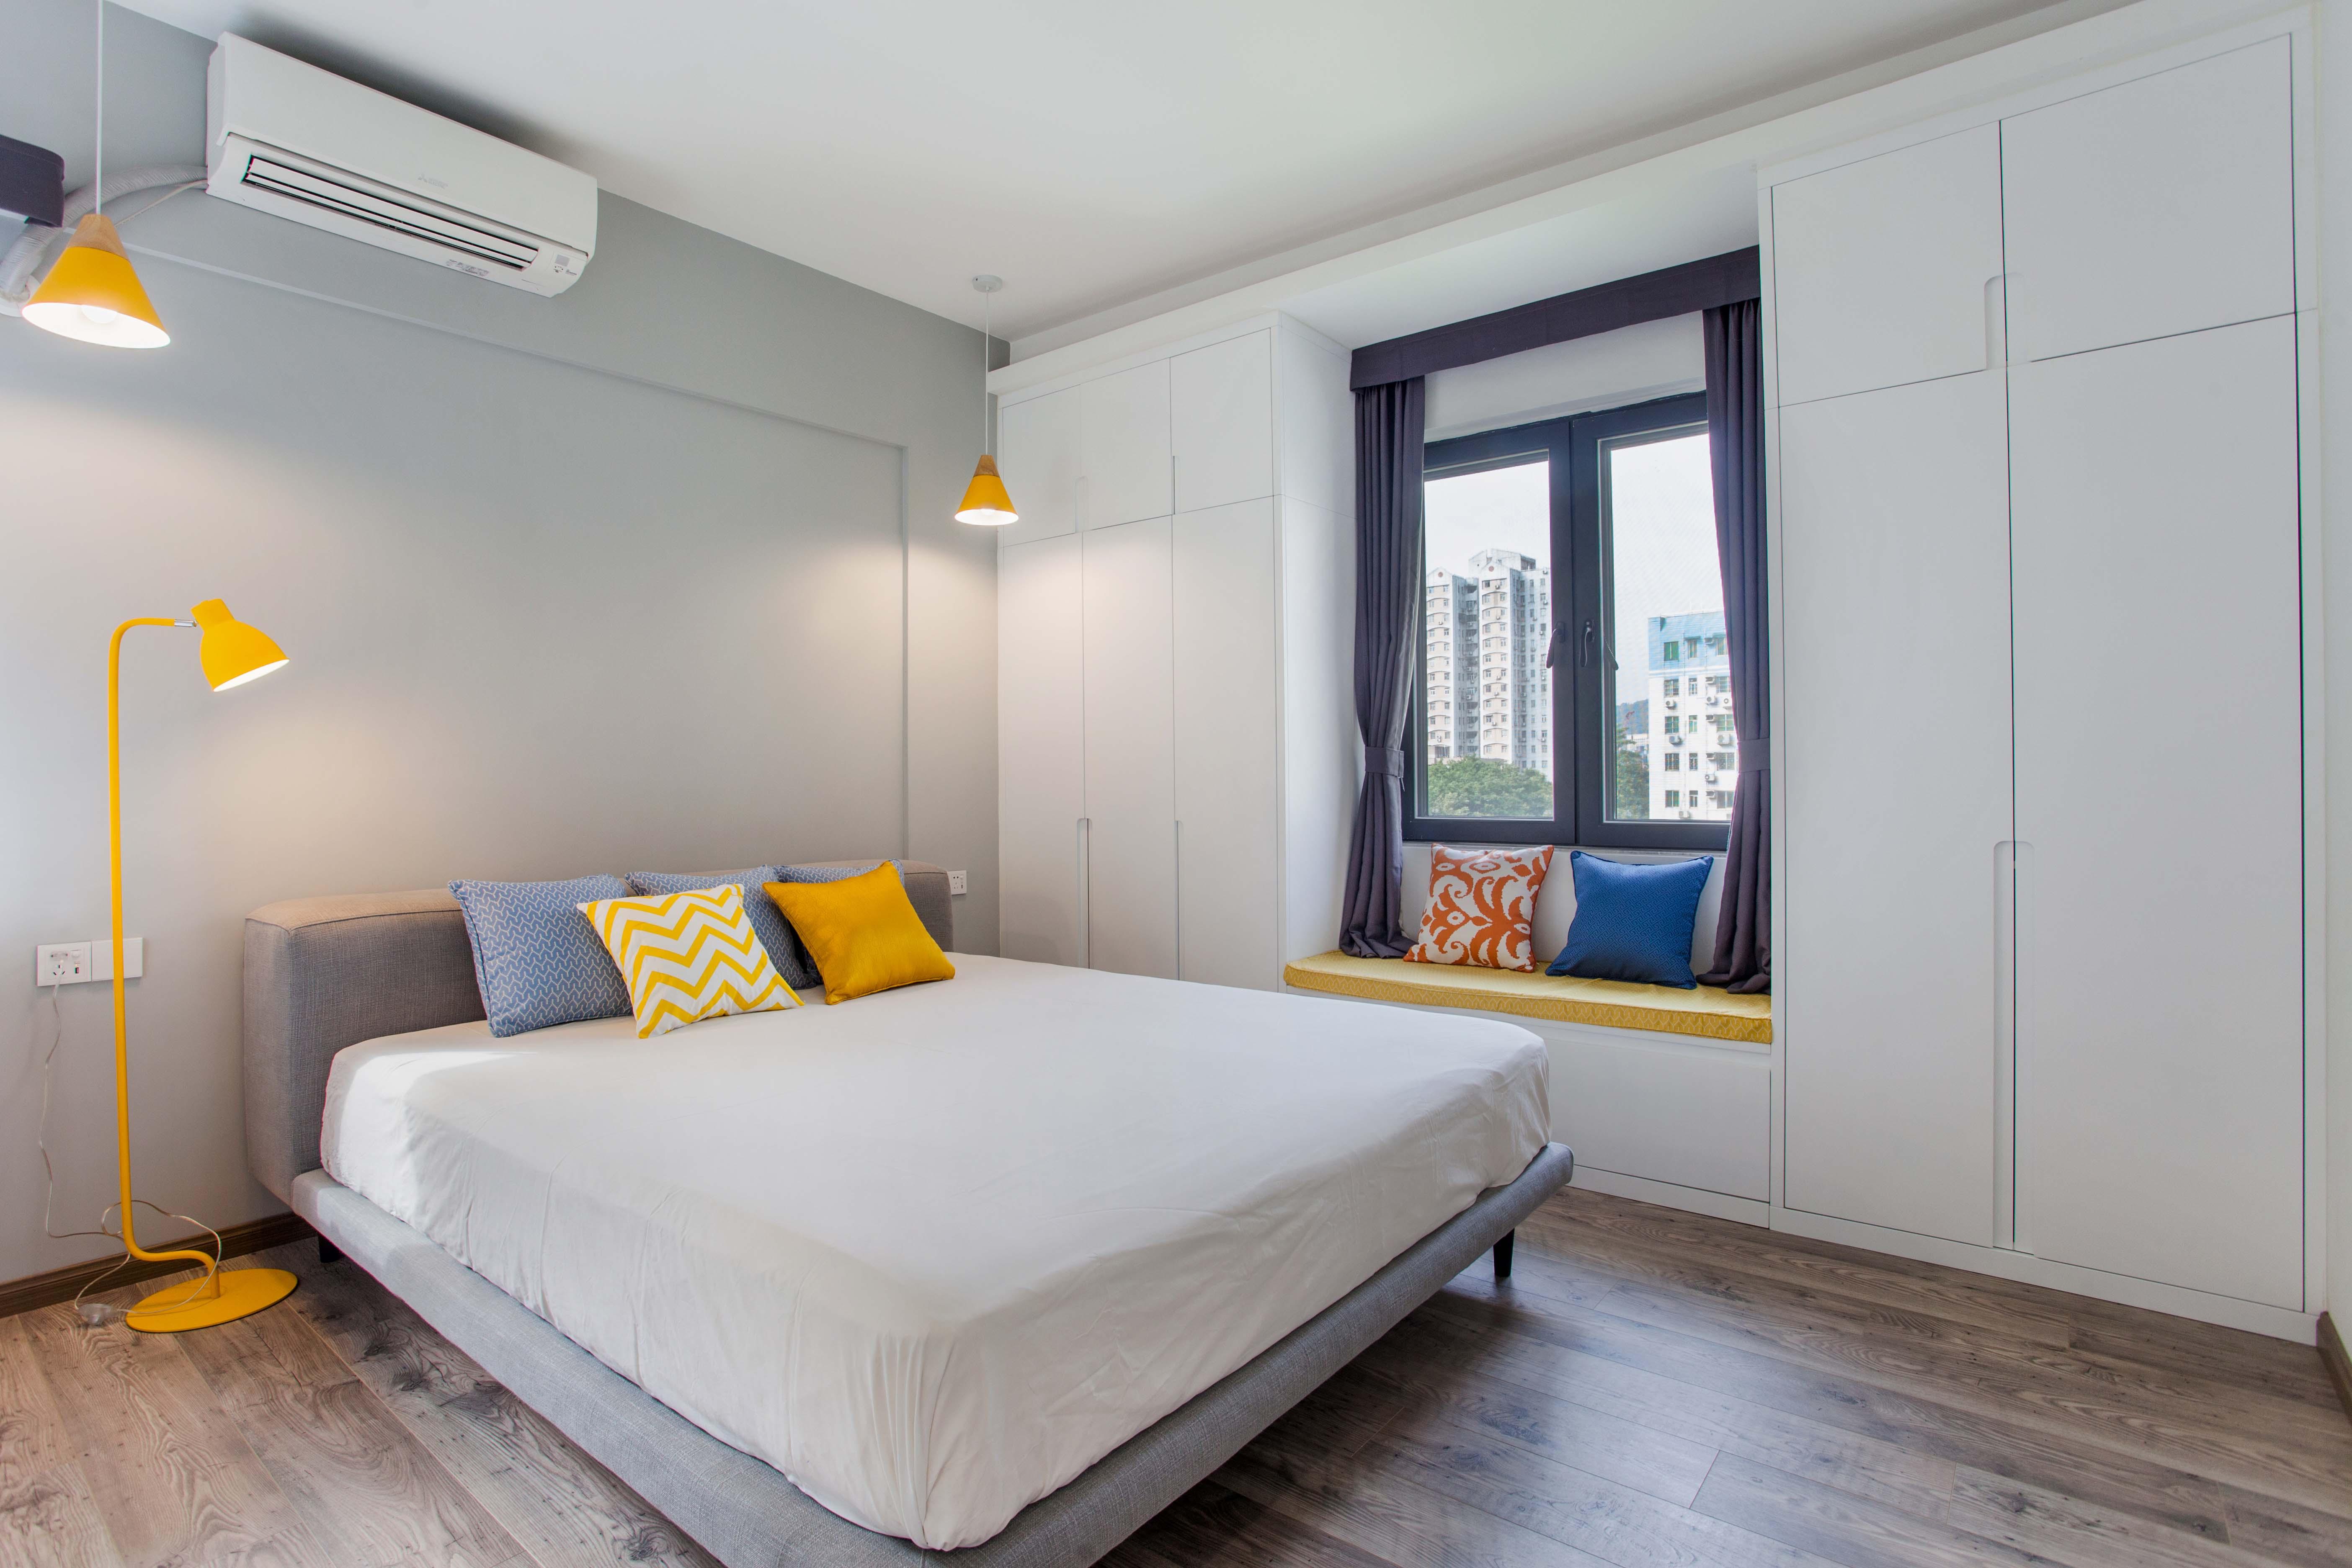 混搭三居卧室装修设计效果图_齐家网装修效果图